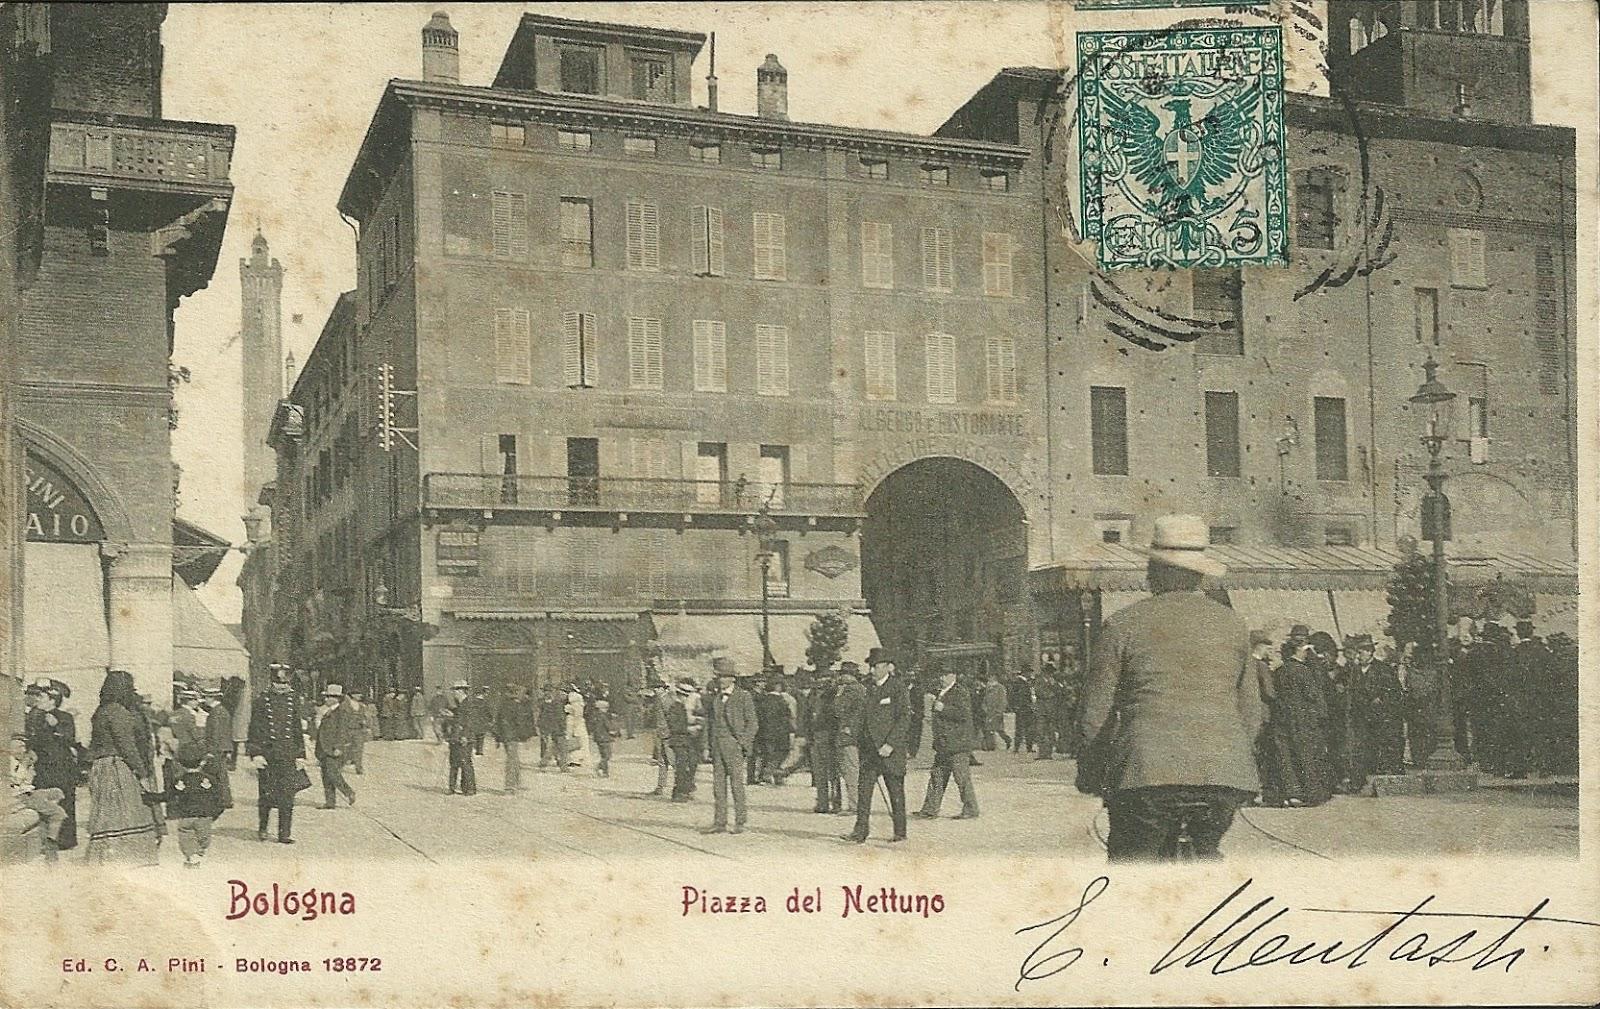 Le trasformazioni del centro di Bologna: Palazzo del Podestà e Palazzo Re Enzo 1905-1913